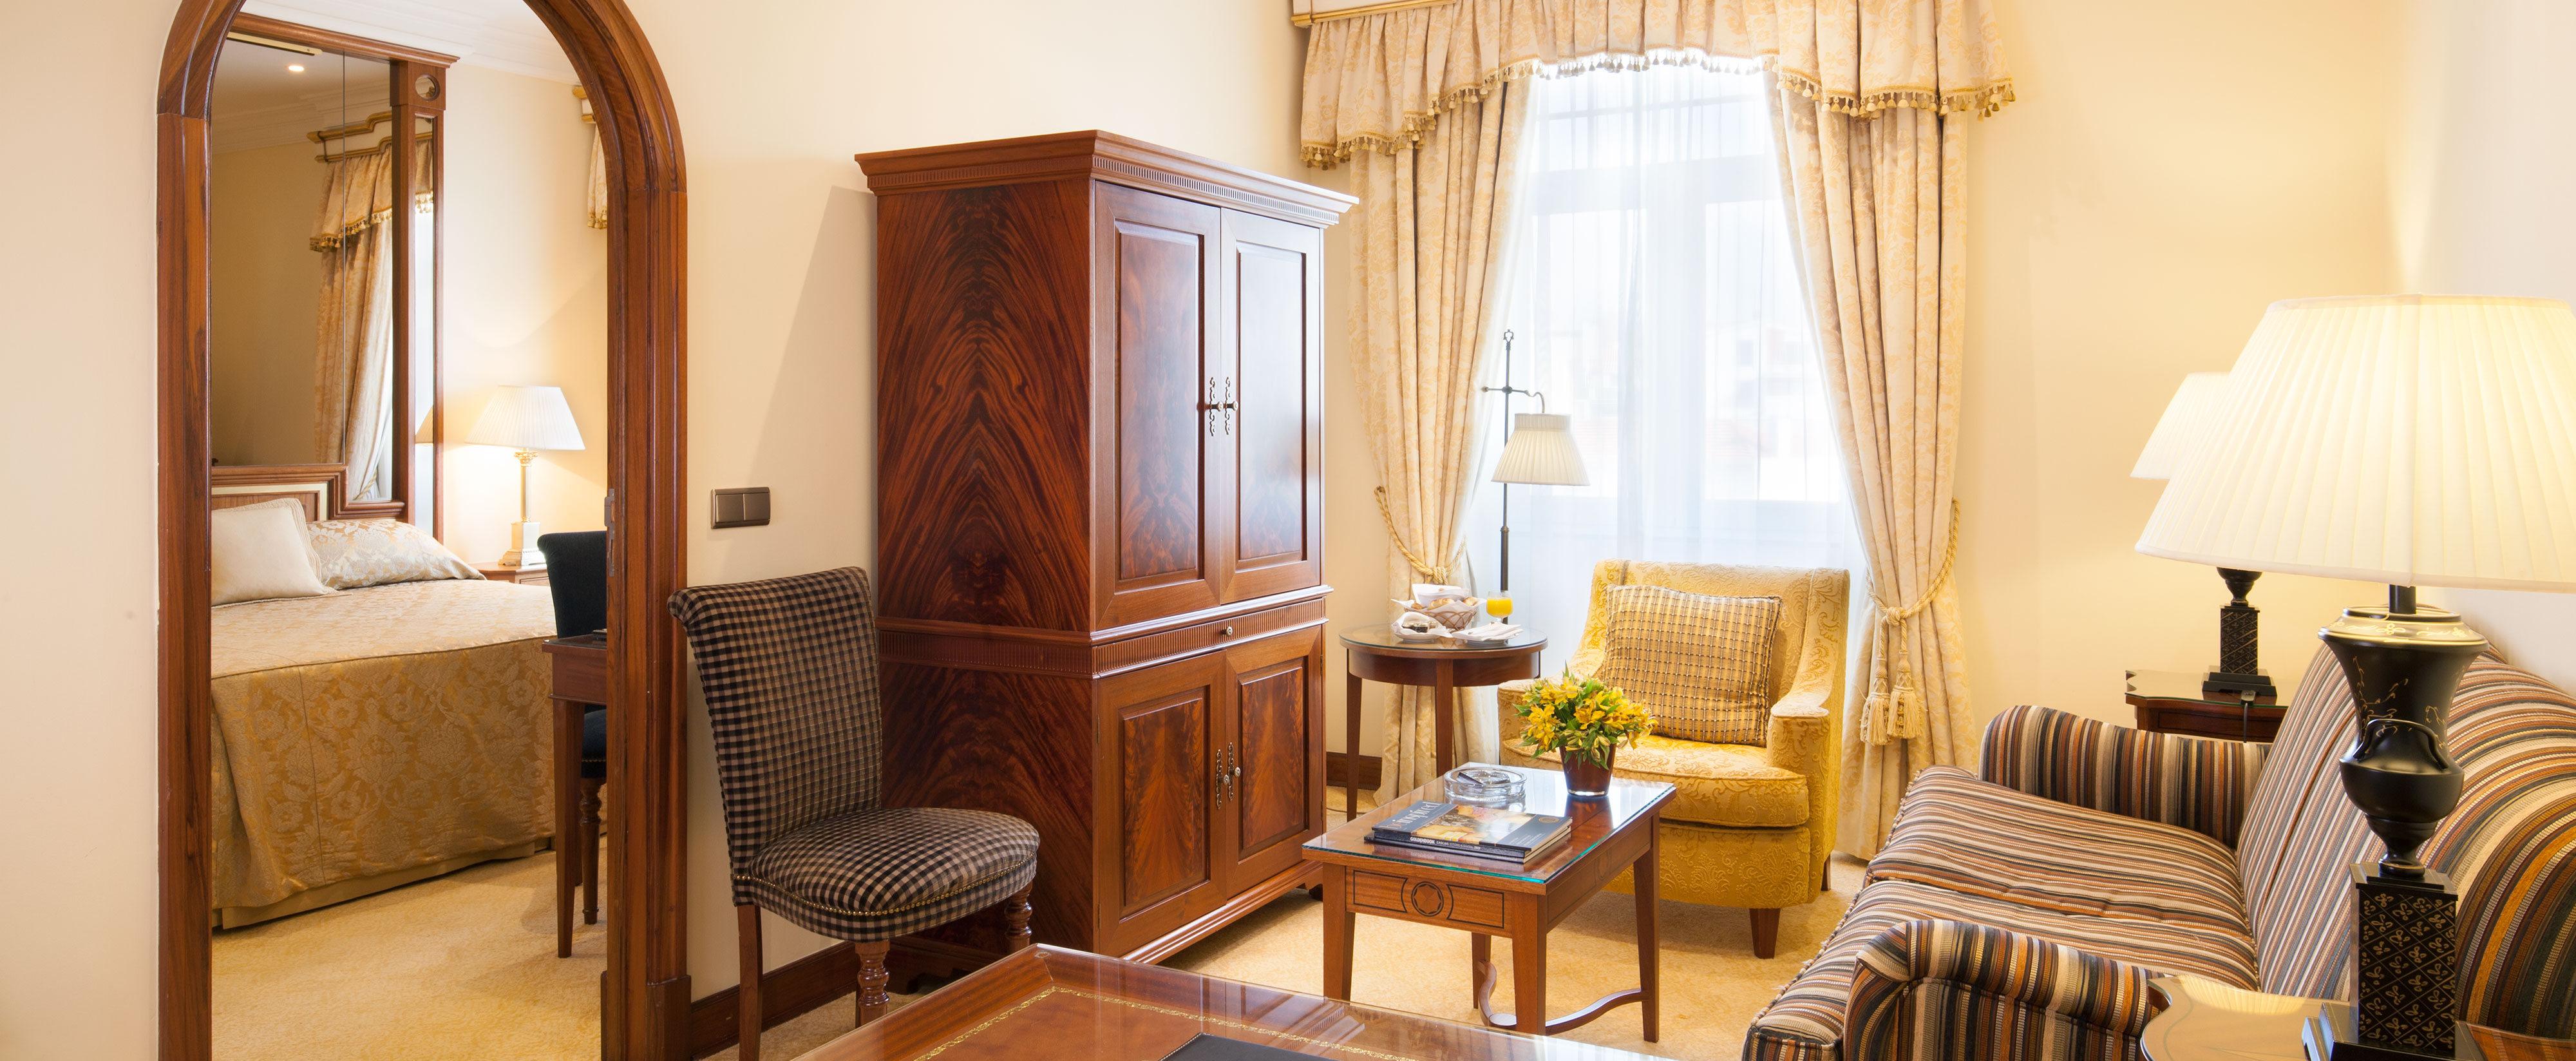 luxury-suite-palacio-estoril-hotel